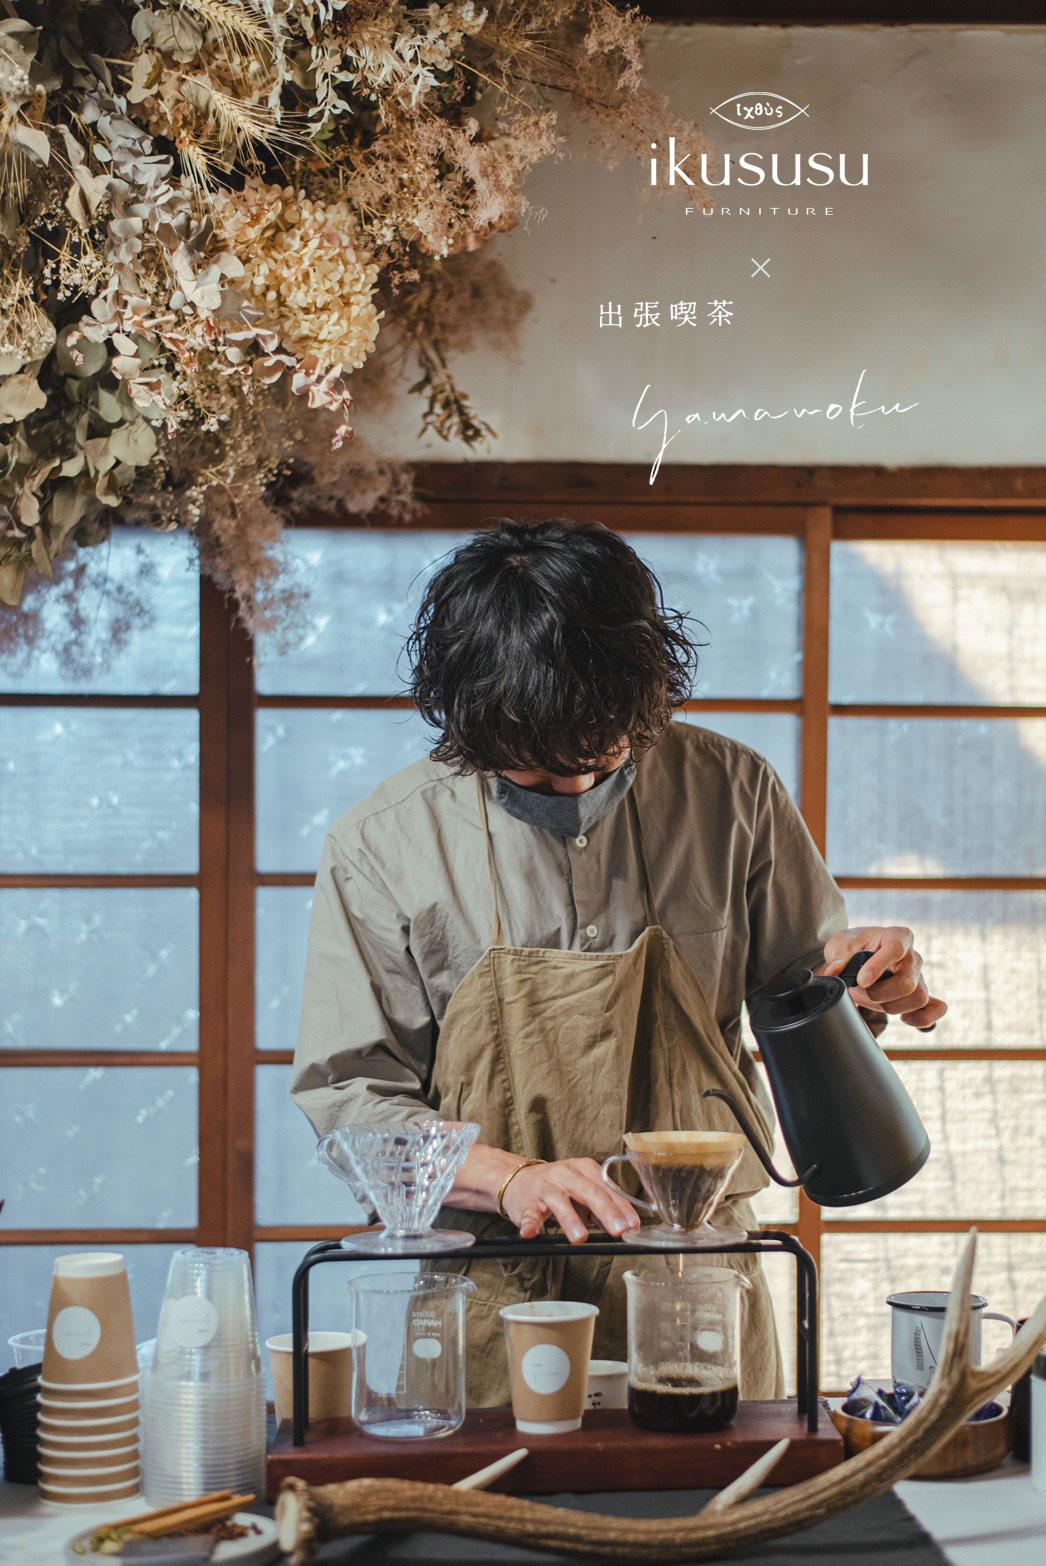 出張喫茶 yamamoku × ikususu FURNITURE GIFU